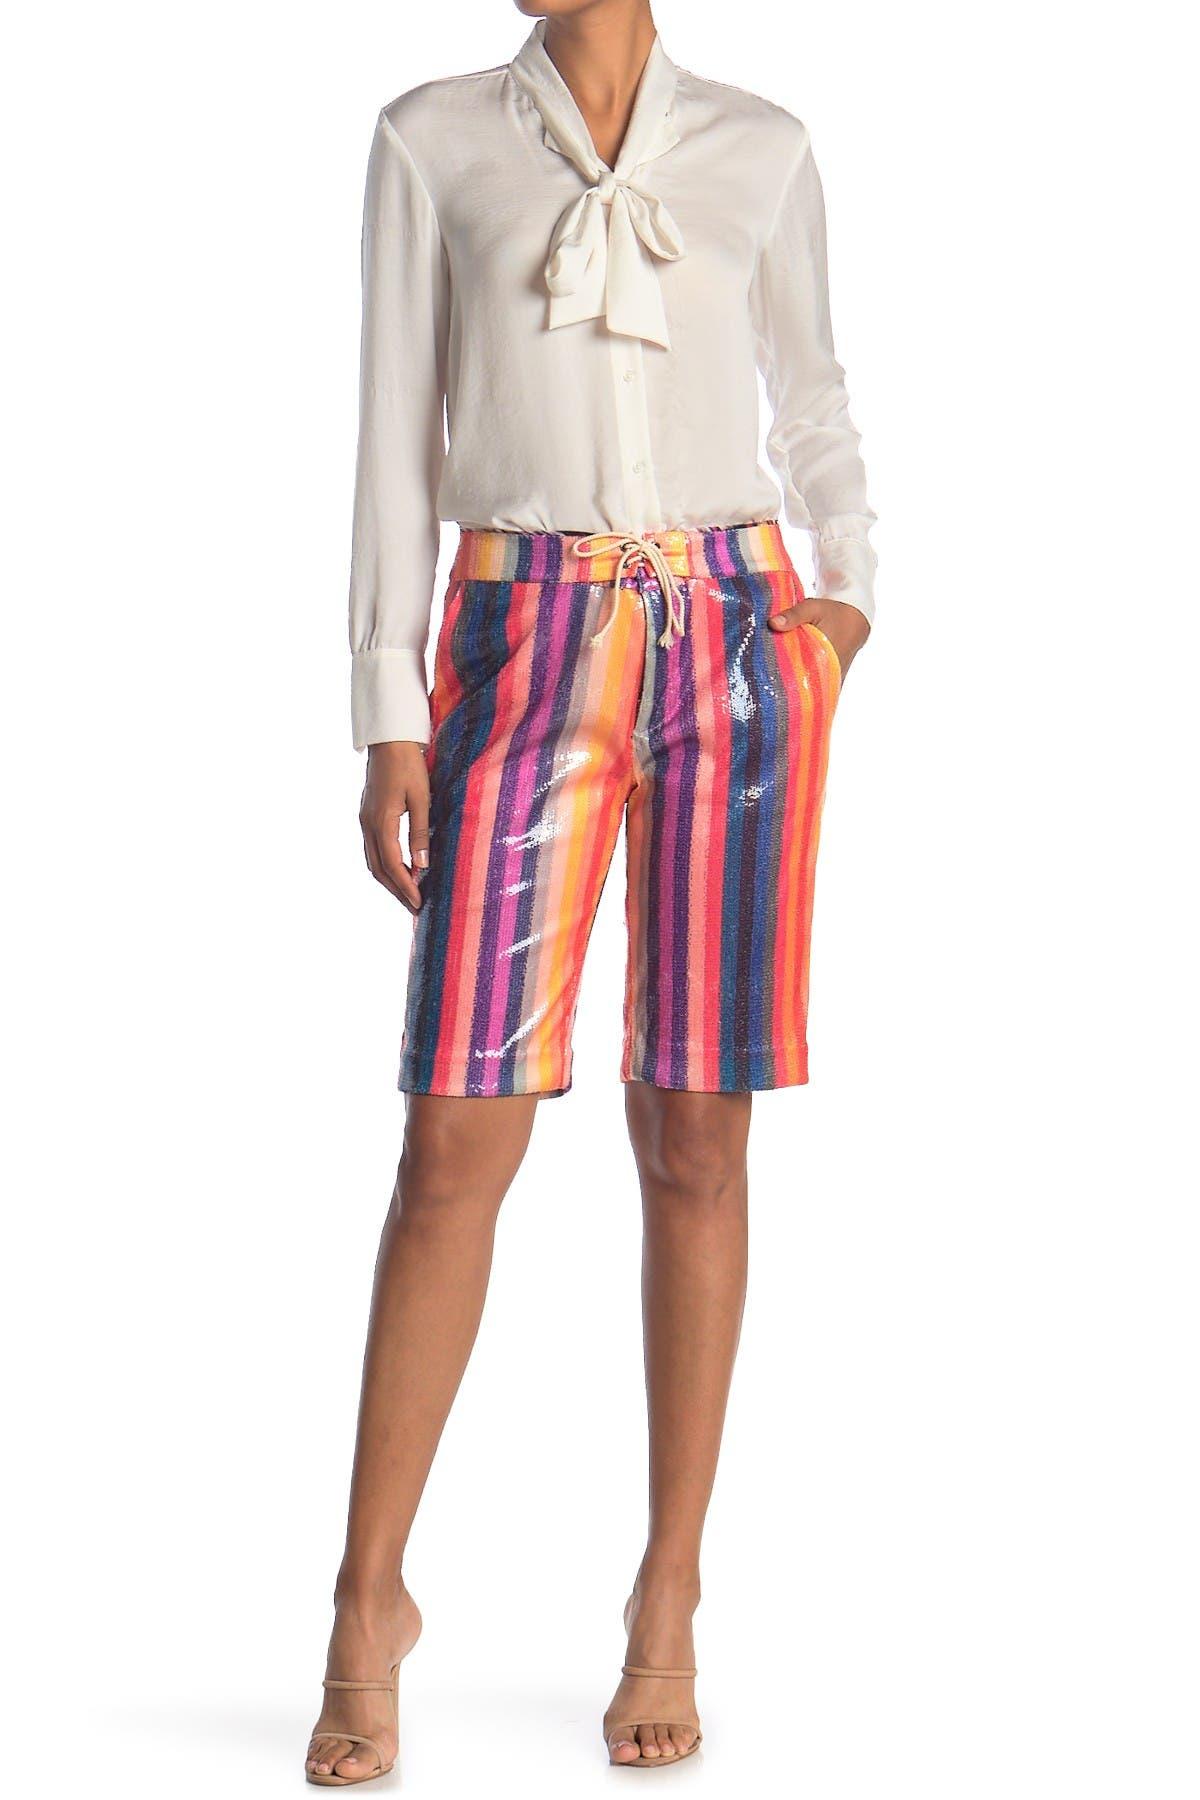 Image of LE SUPERBE Slater Shiny Bermuda Shorts